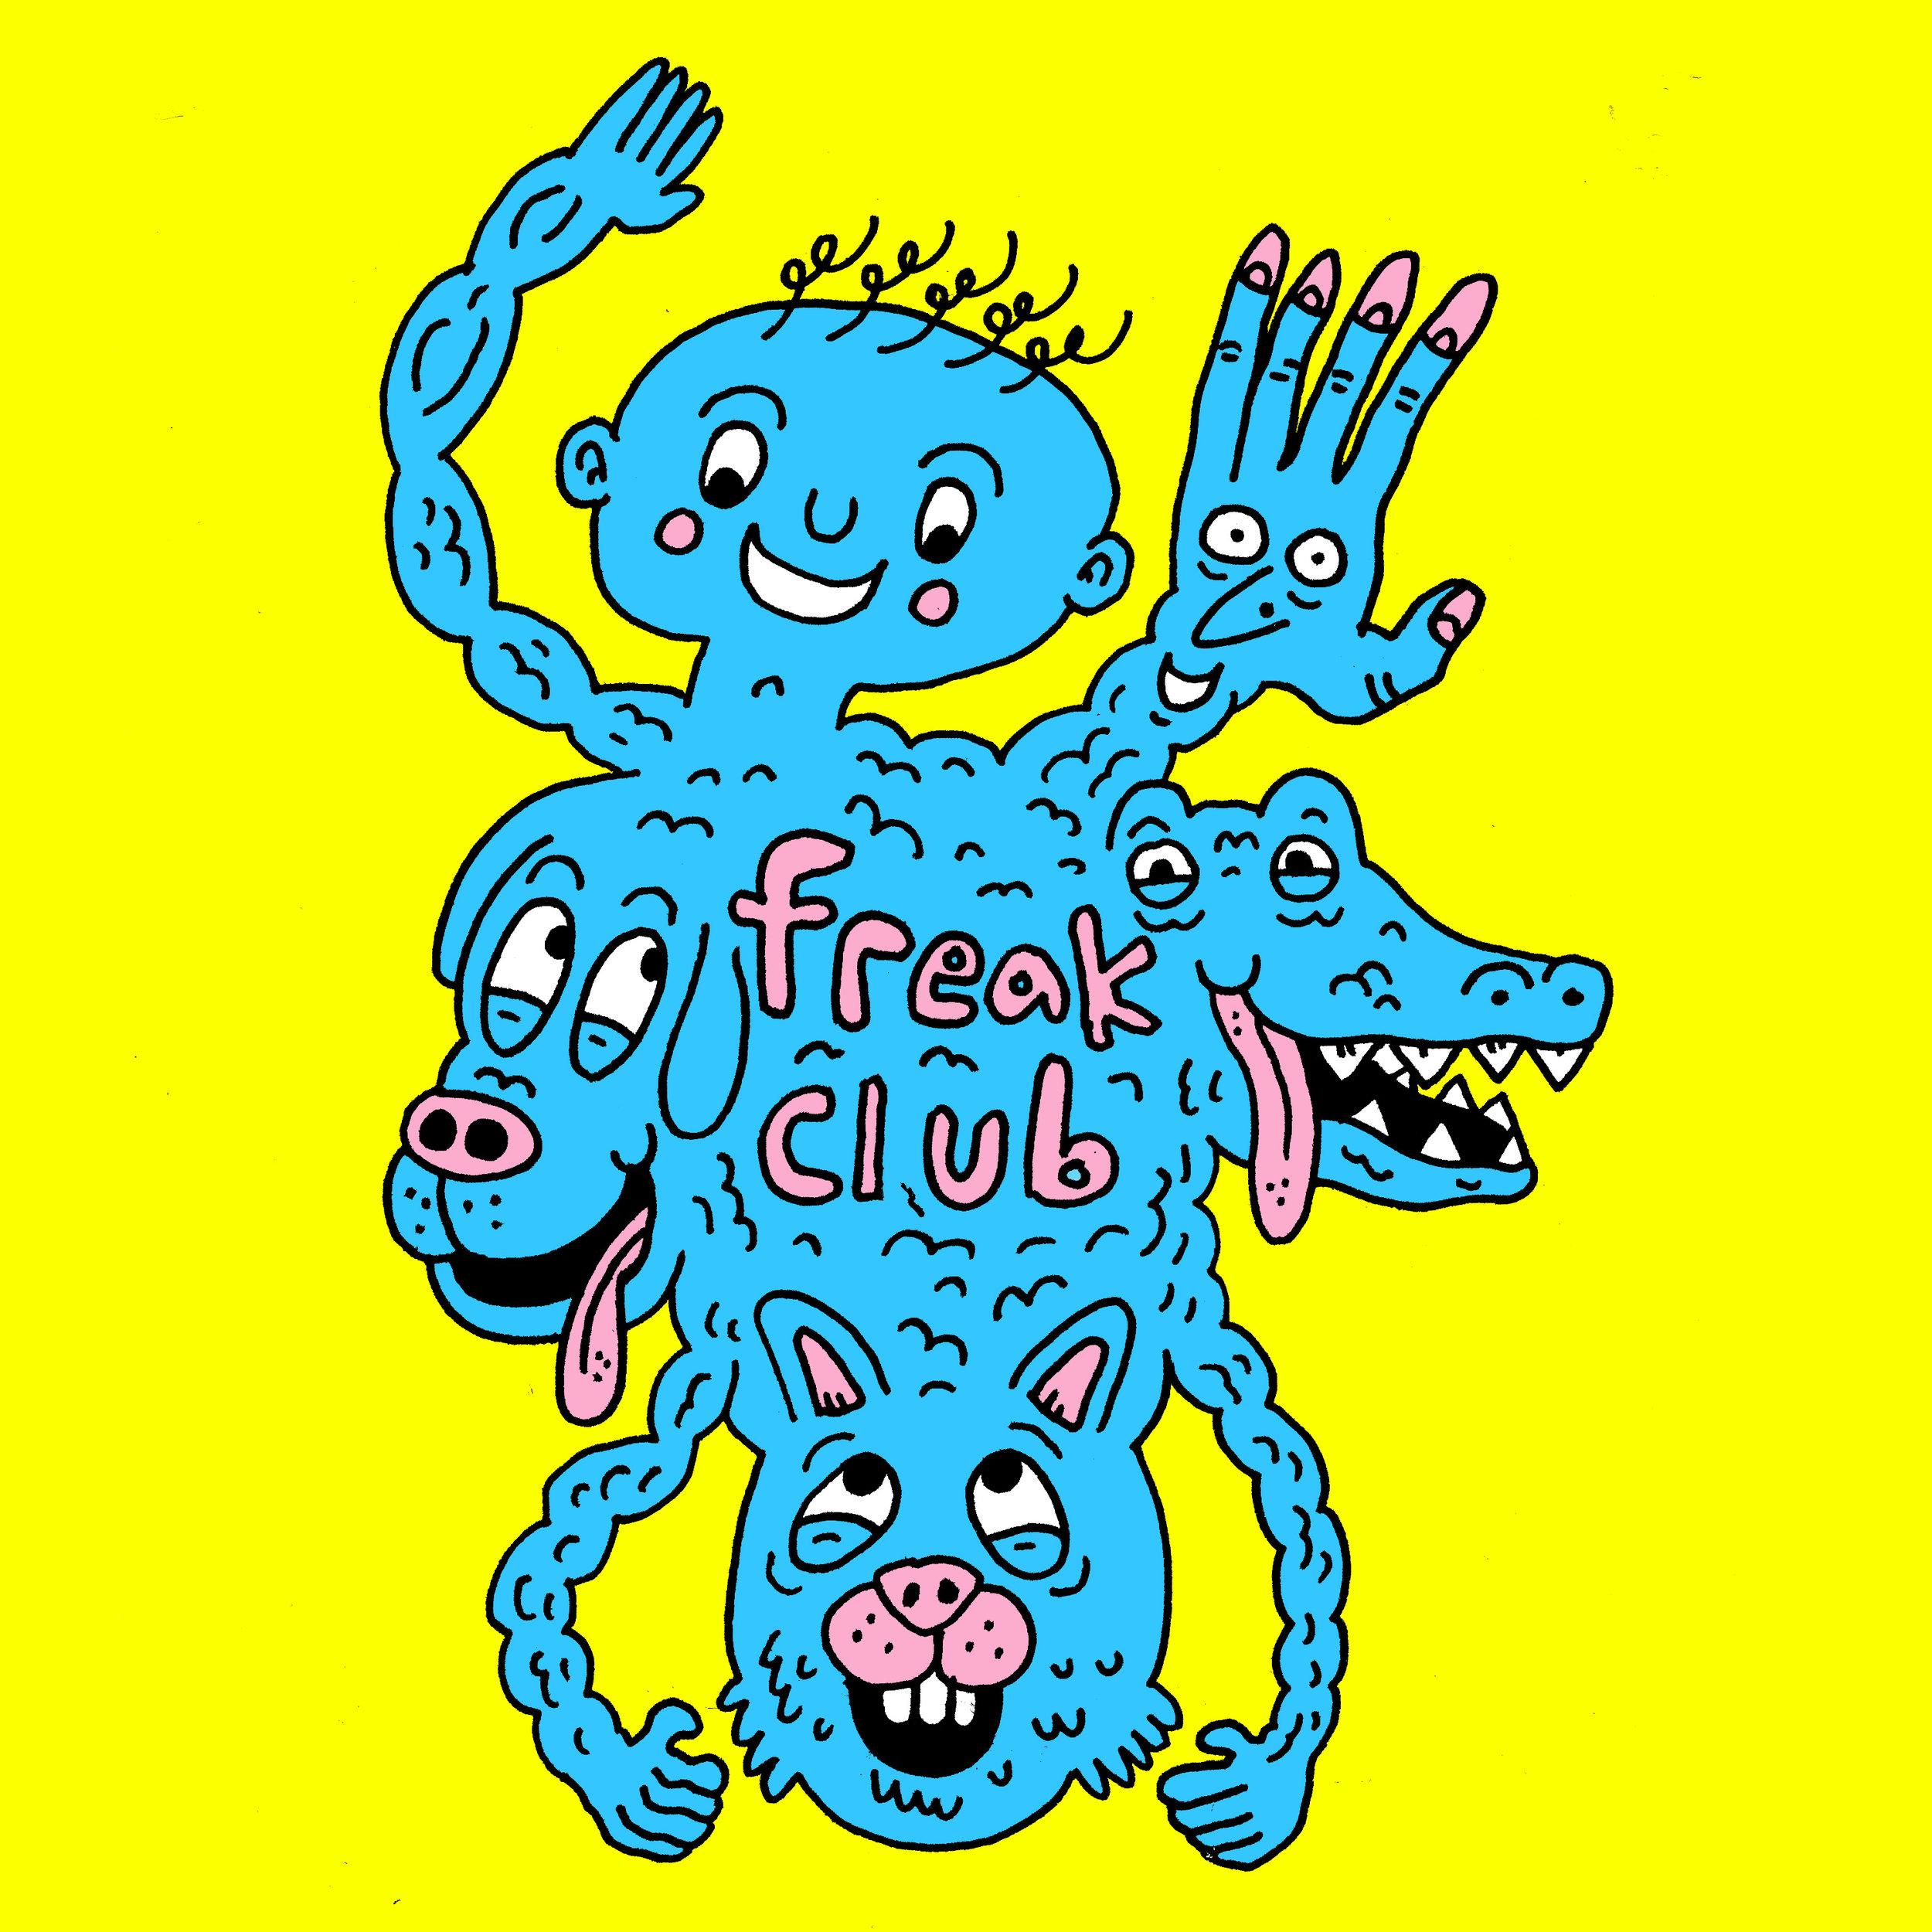 freakclubcolor.jpg